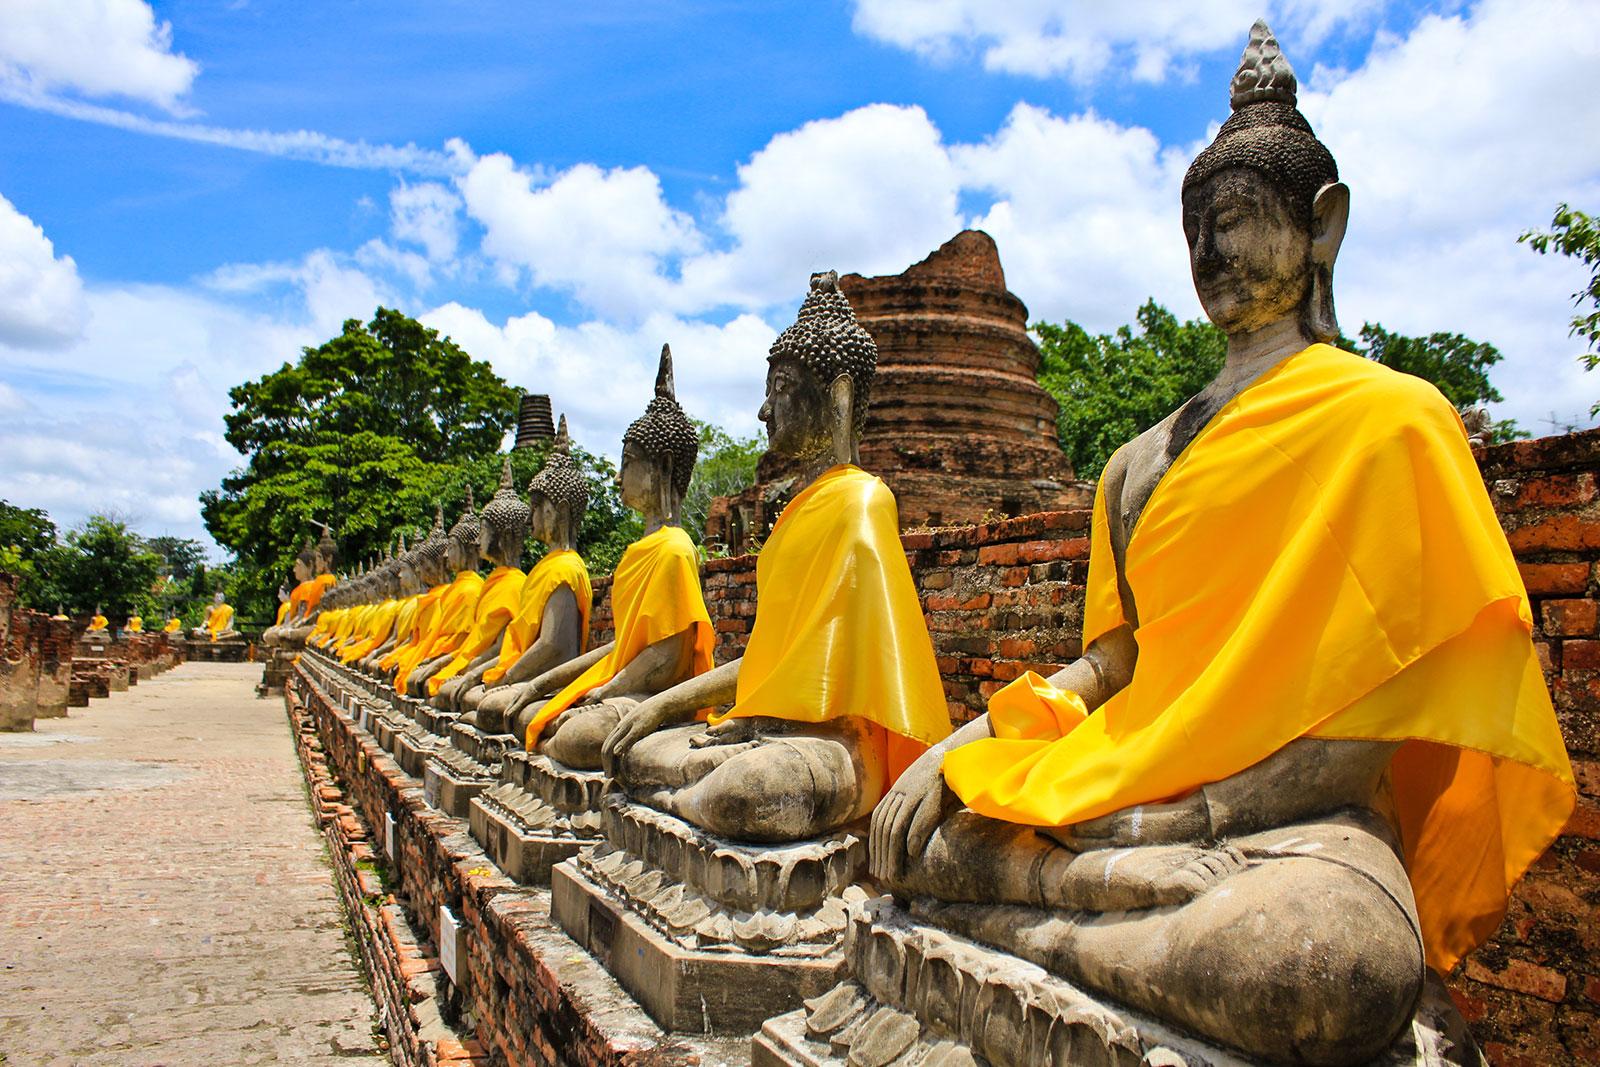 thailand bangkok image